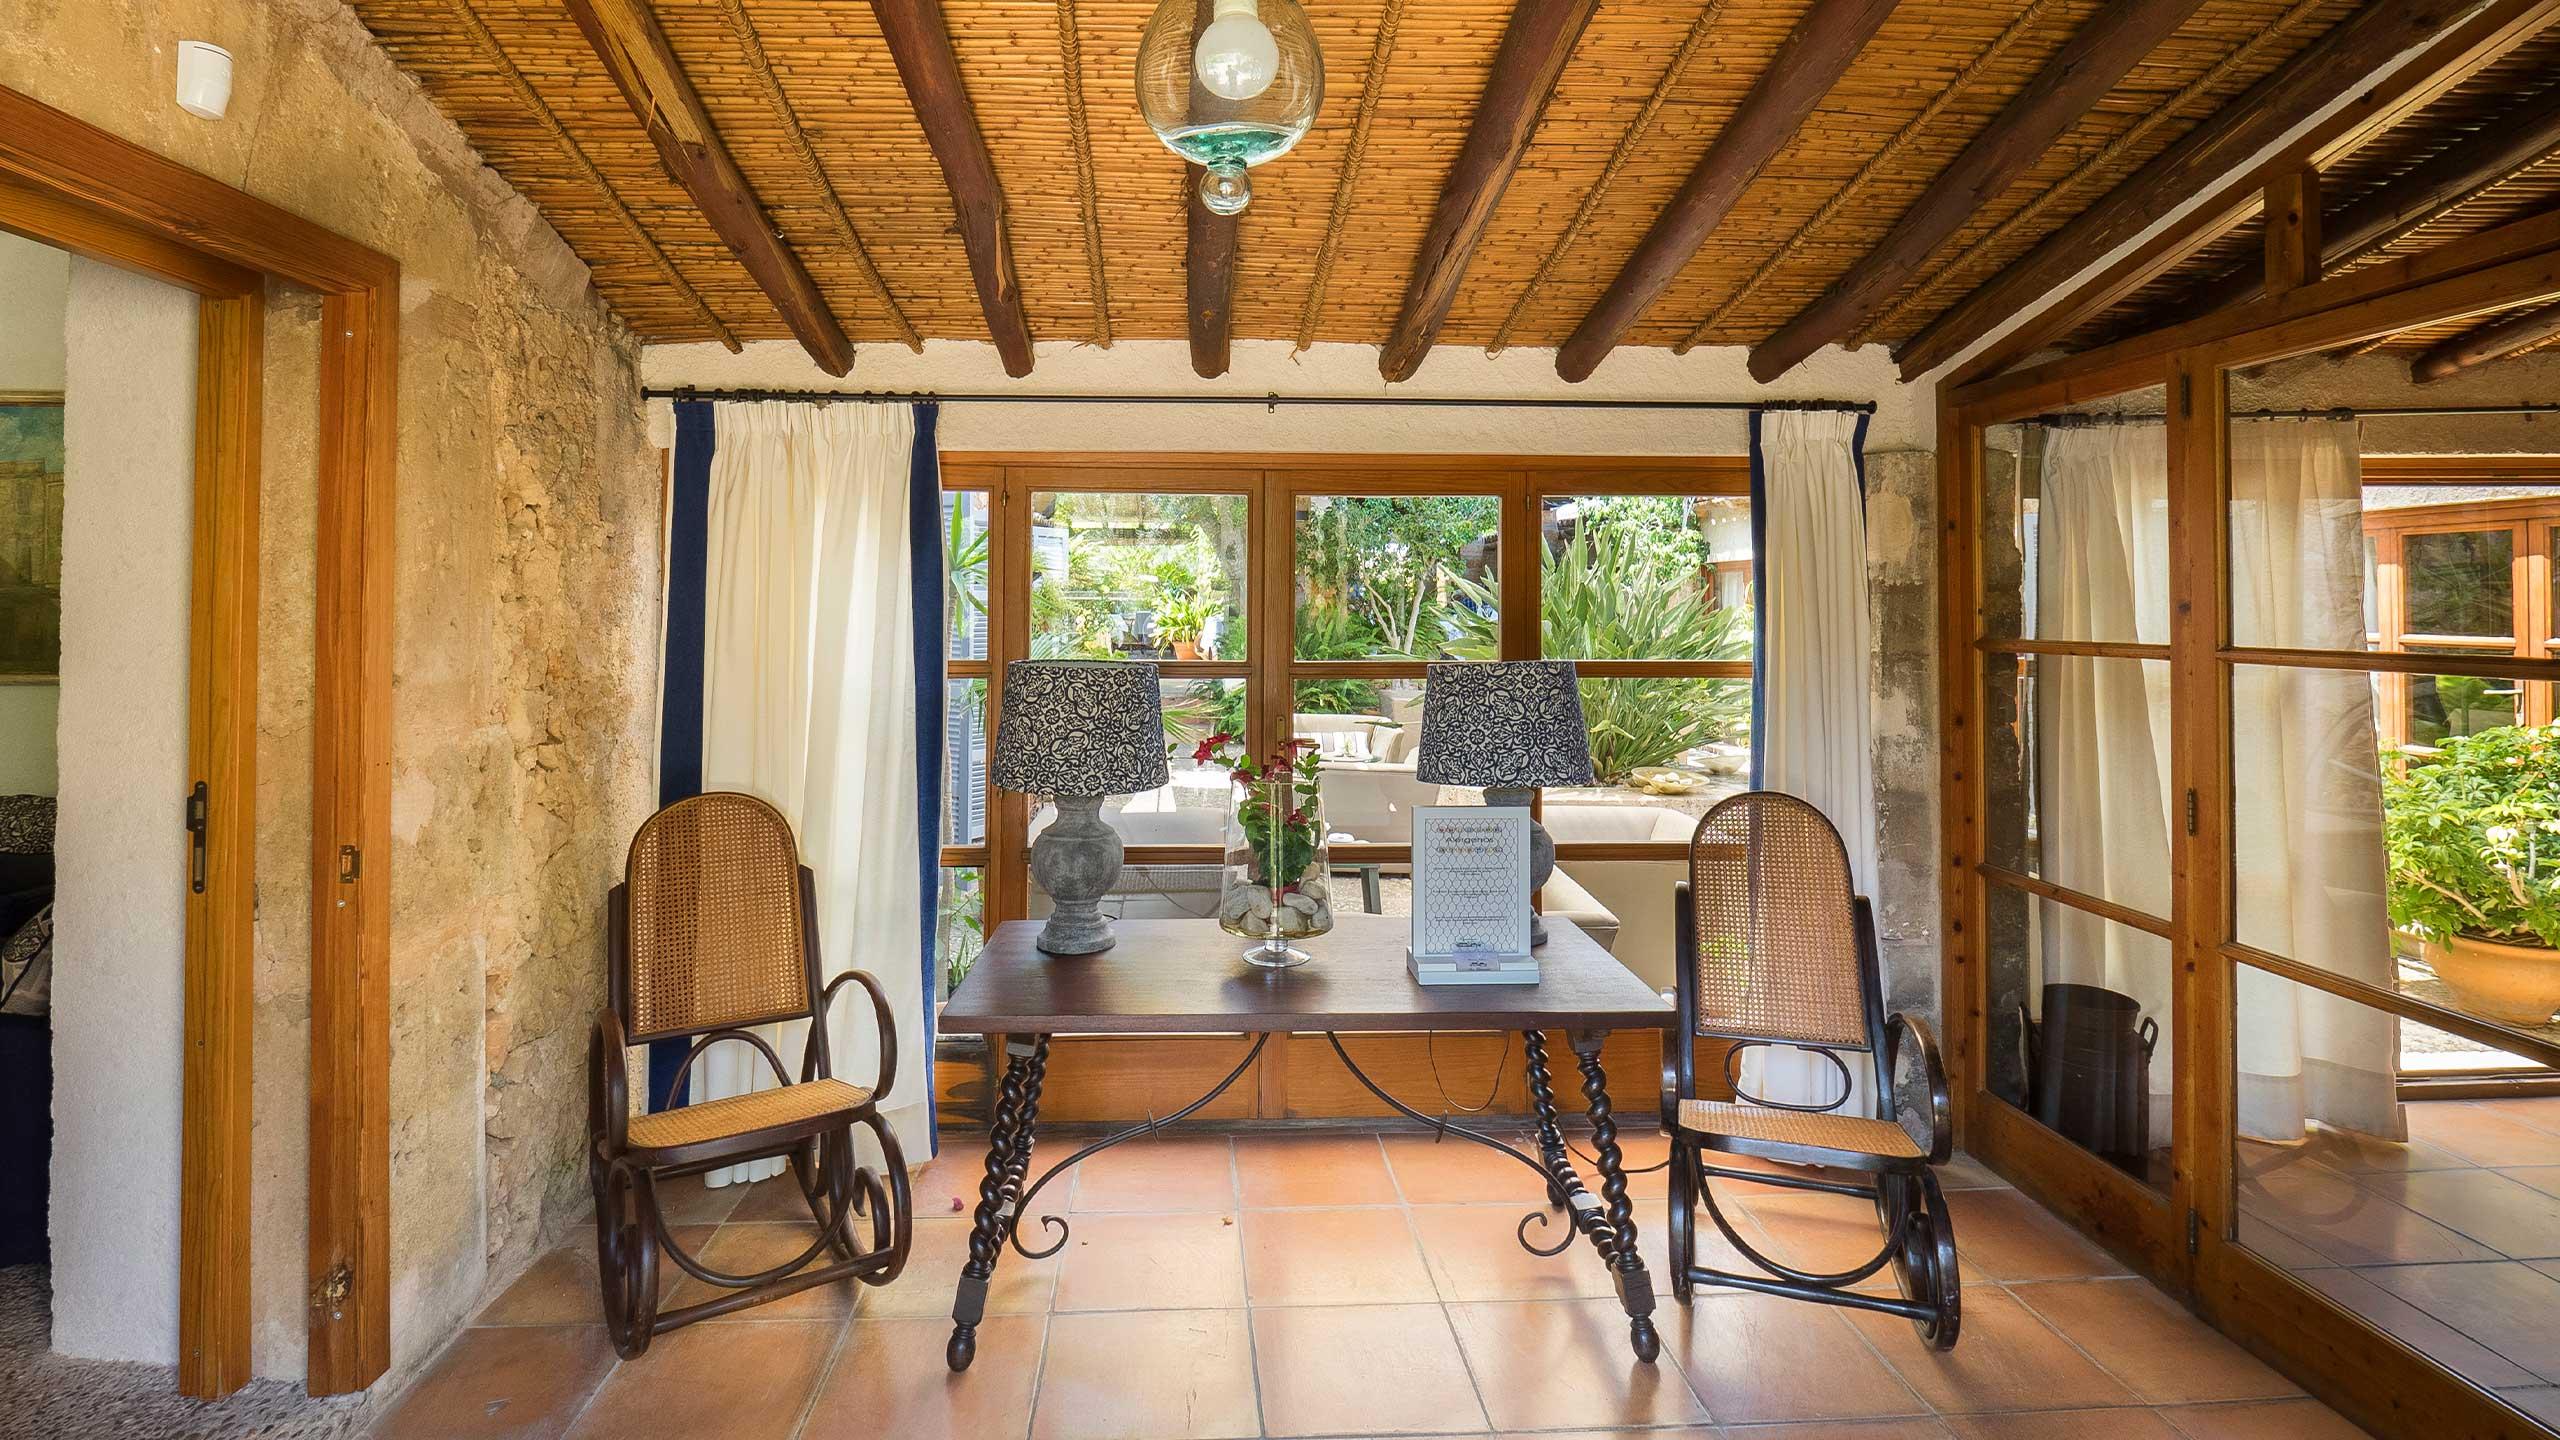 Residencia Restaurant Son Floriana En Cala Bona Mallorca Protur